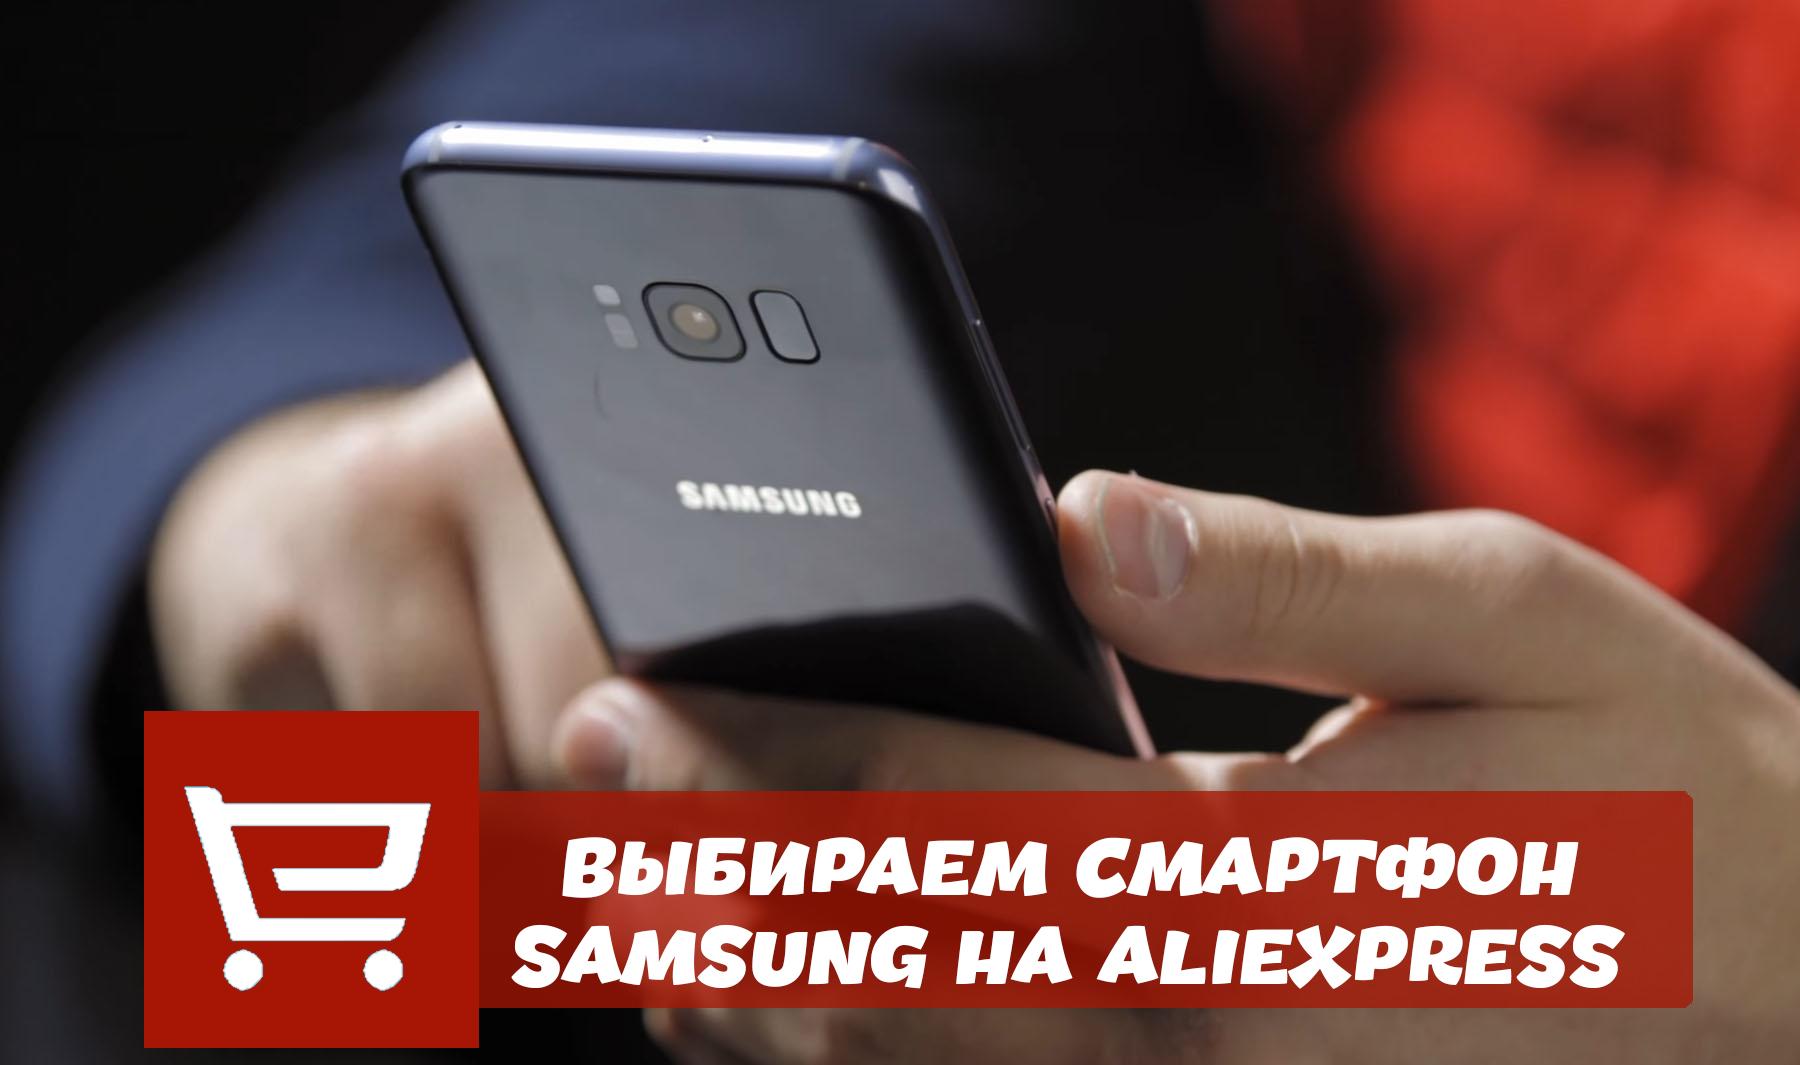 Смартфоны самсунг и чехлы на них с Алиэкспресс